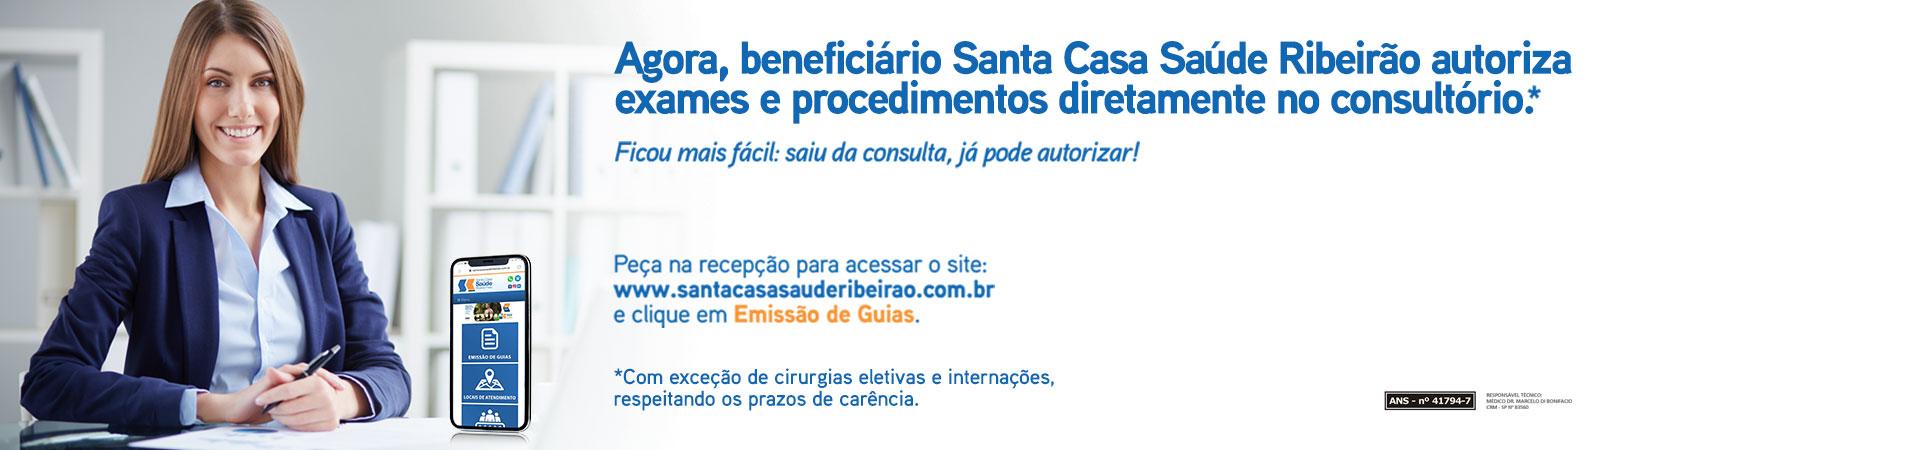 Plano médico controle em Ribeirão Preto